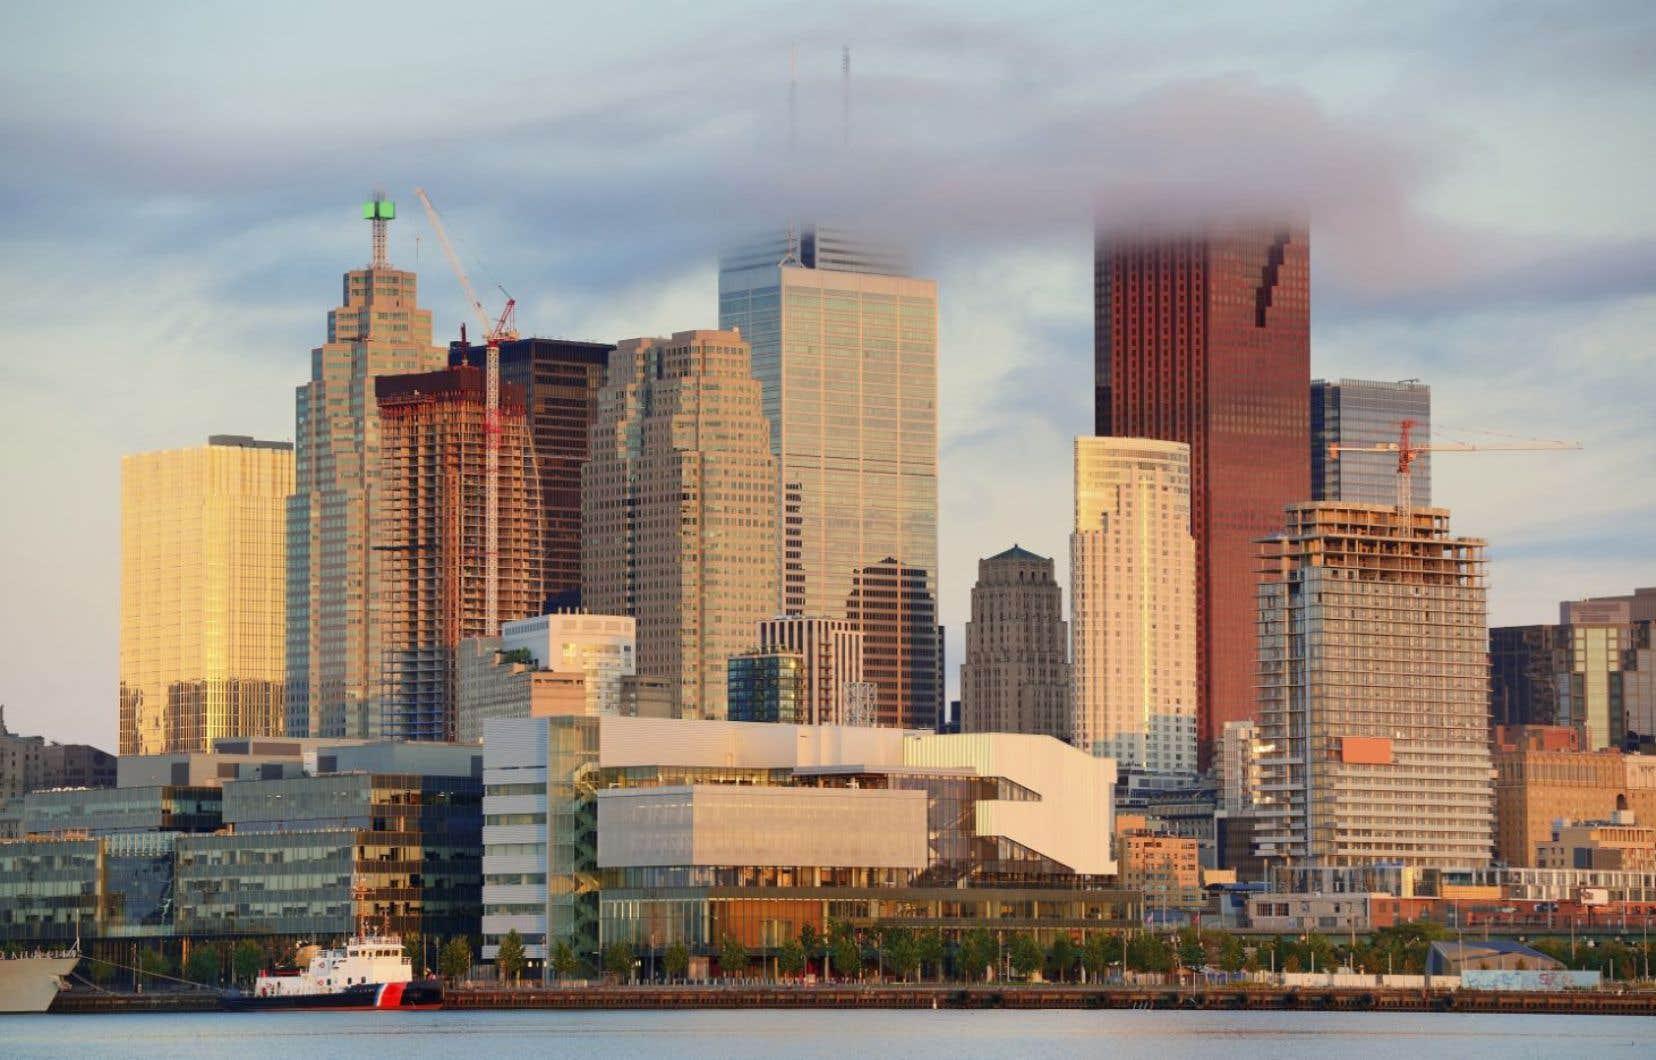 Toronto a réclamé et obtenu en 2006 un statut privilégié parmi les villes ontariennes. Ce statut lui a permis d'accroître ses champs de compétence.